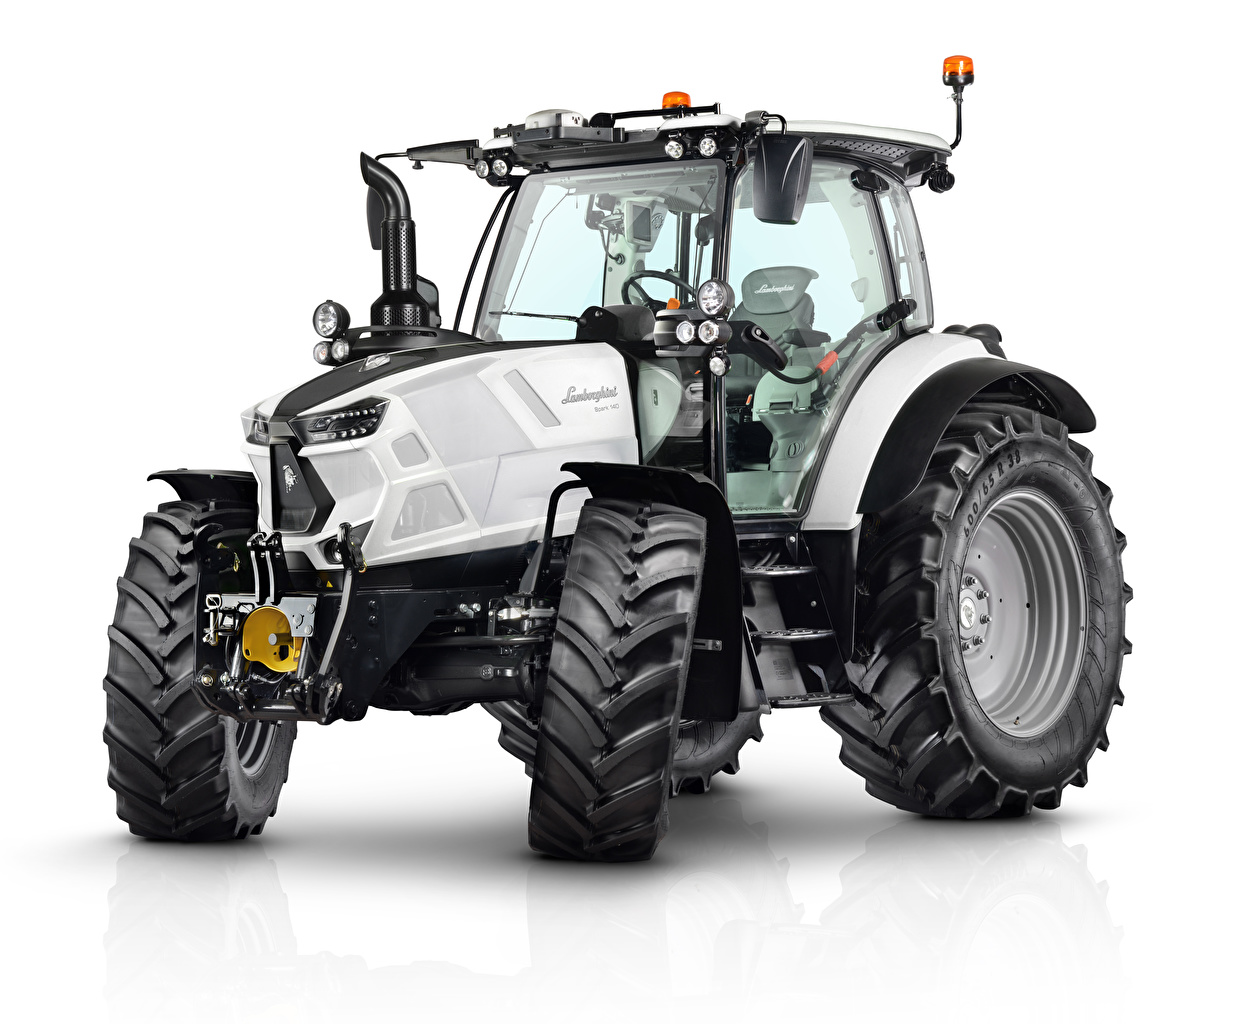 Image Lamborghini Tractor Spark 140, 2017 White White background tractors